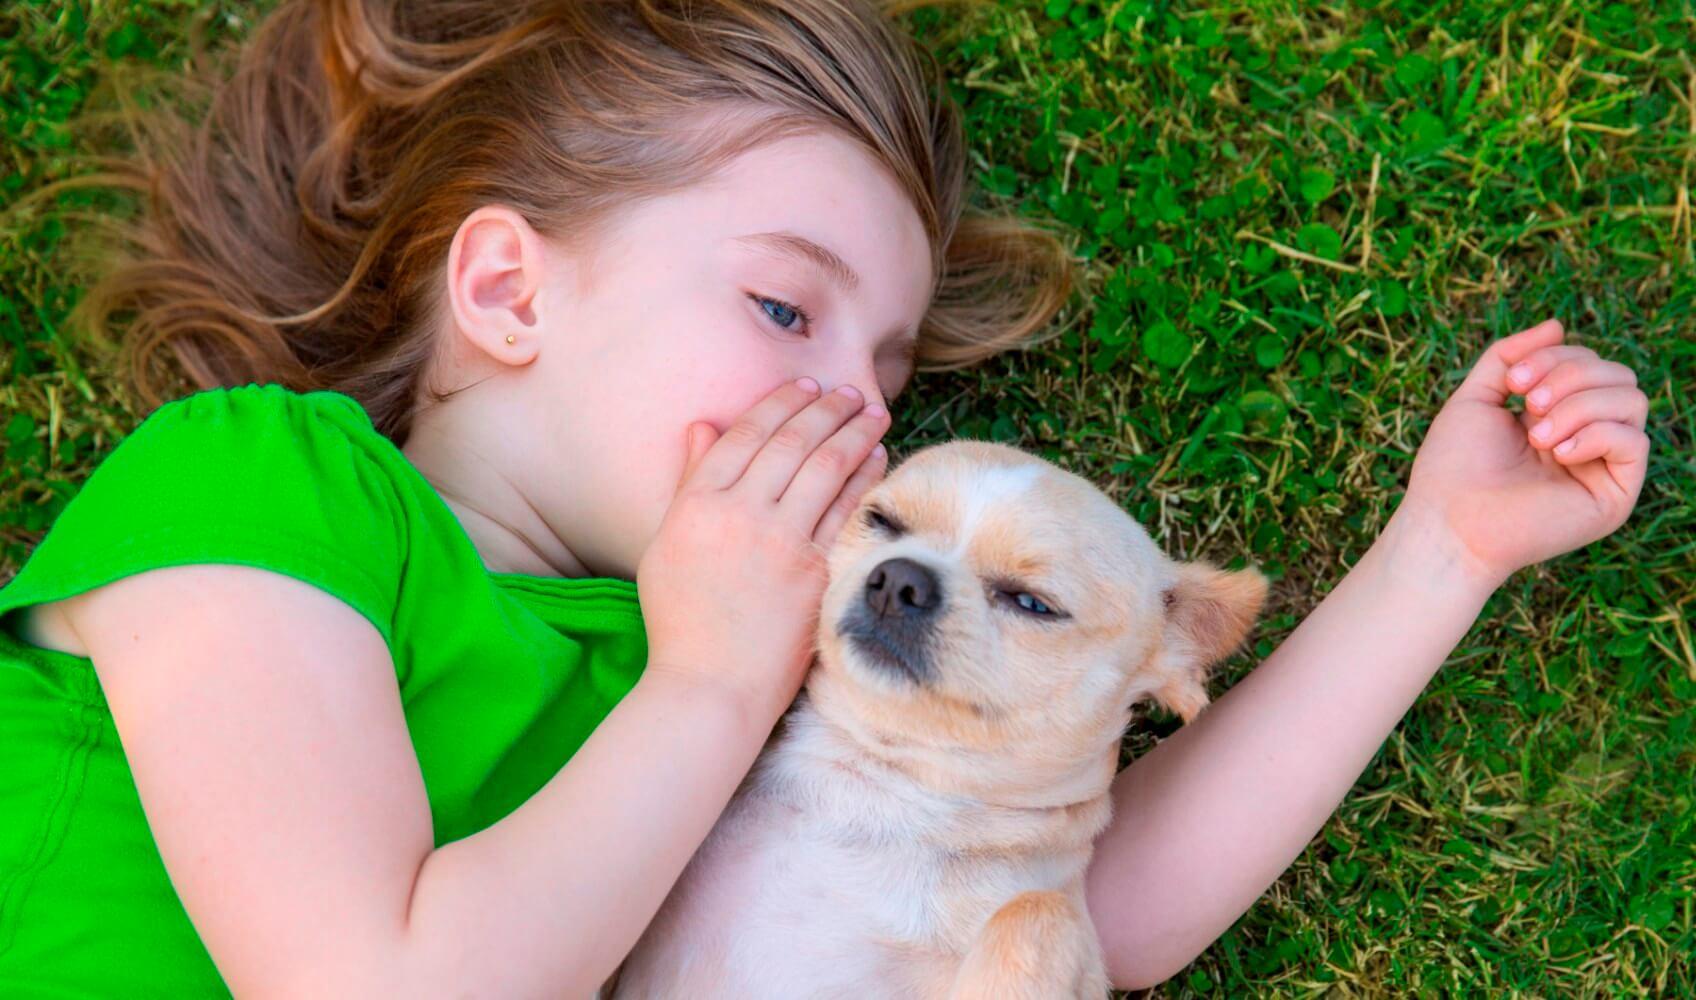 girl whispering in dogs ear